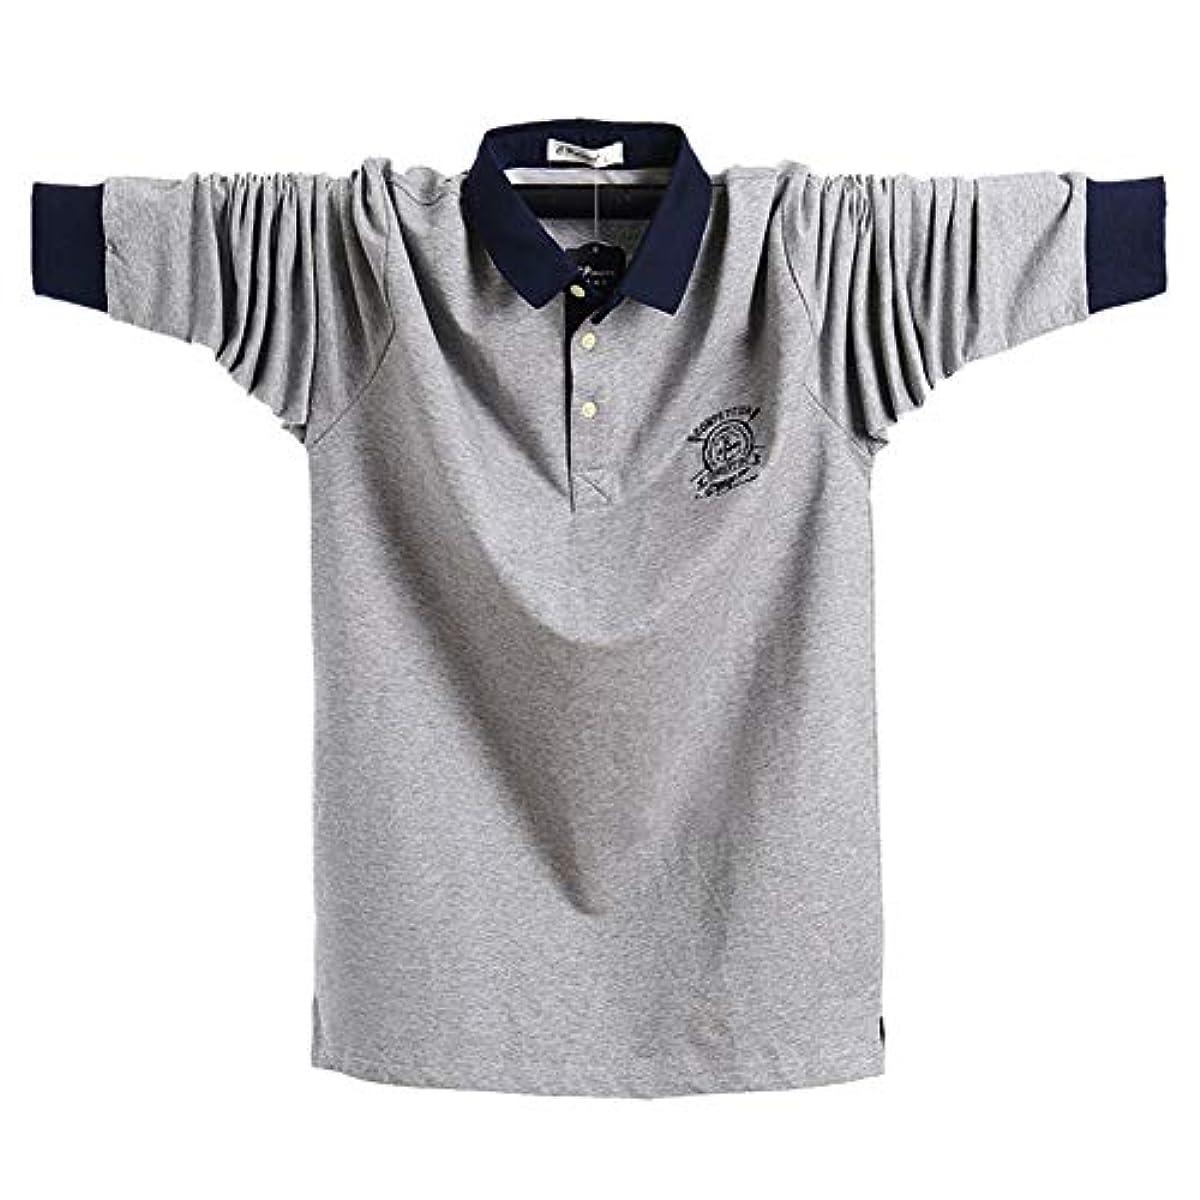 [해외] LWIT 폴로 셔츠 긴 소매 맨즈 큰 사이즈 골프 폴로 셔츠 긴 소매 골프 셔츠 골프 웨어 POLO셔츠 T셔츠 추동춘 통기성 박수흡 한작업복 패션 맨즈 스포츠 다색선택 L-6XL 5150